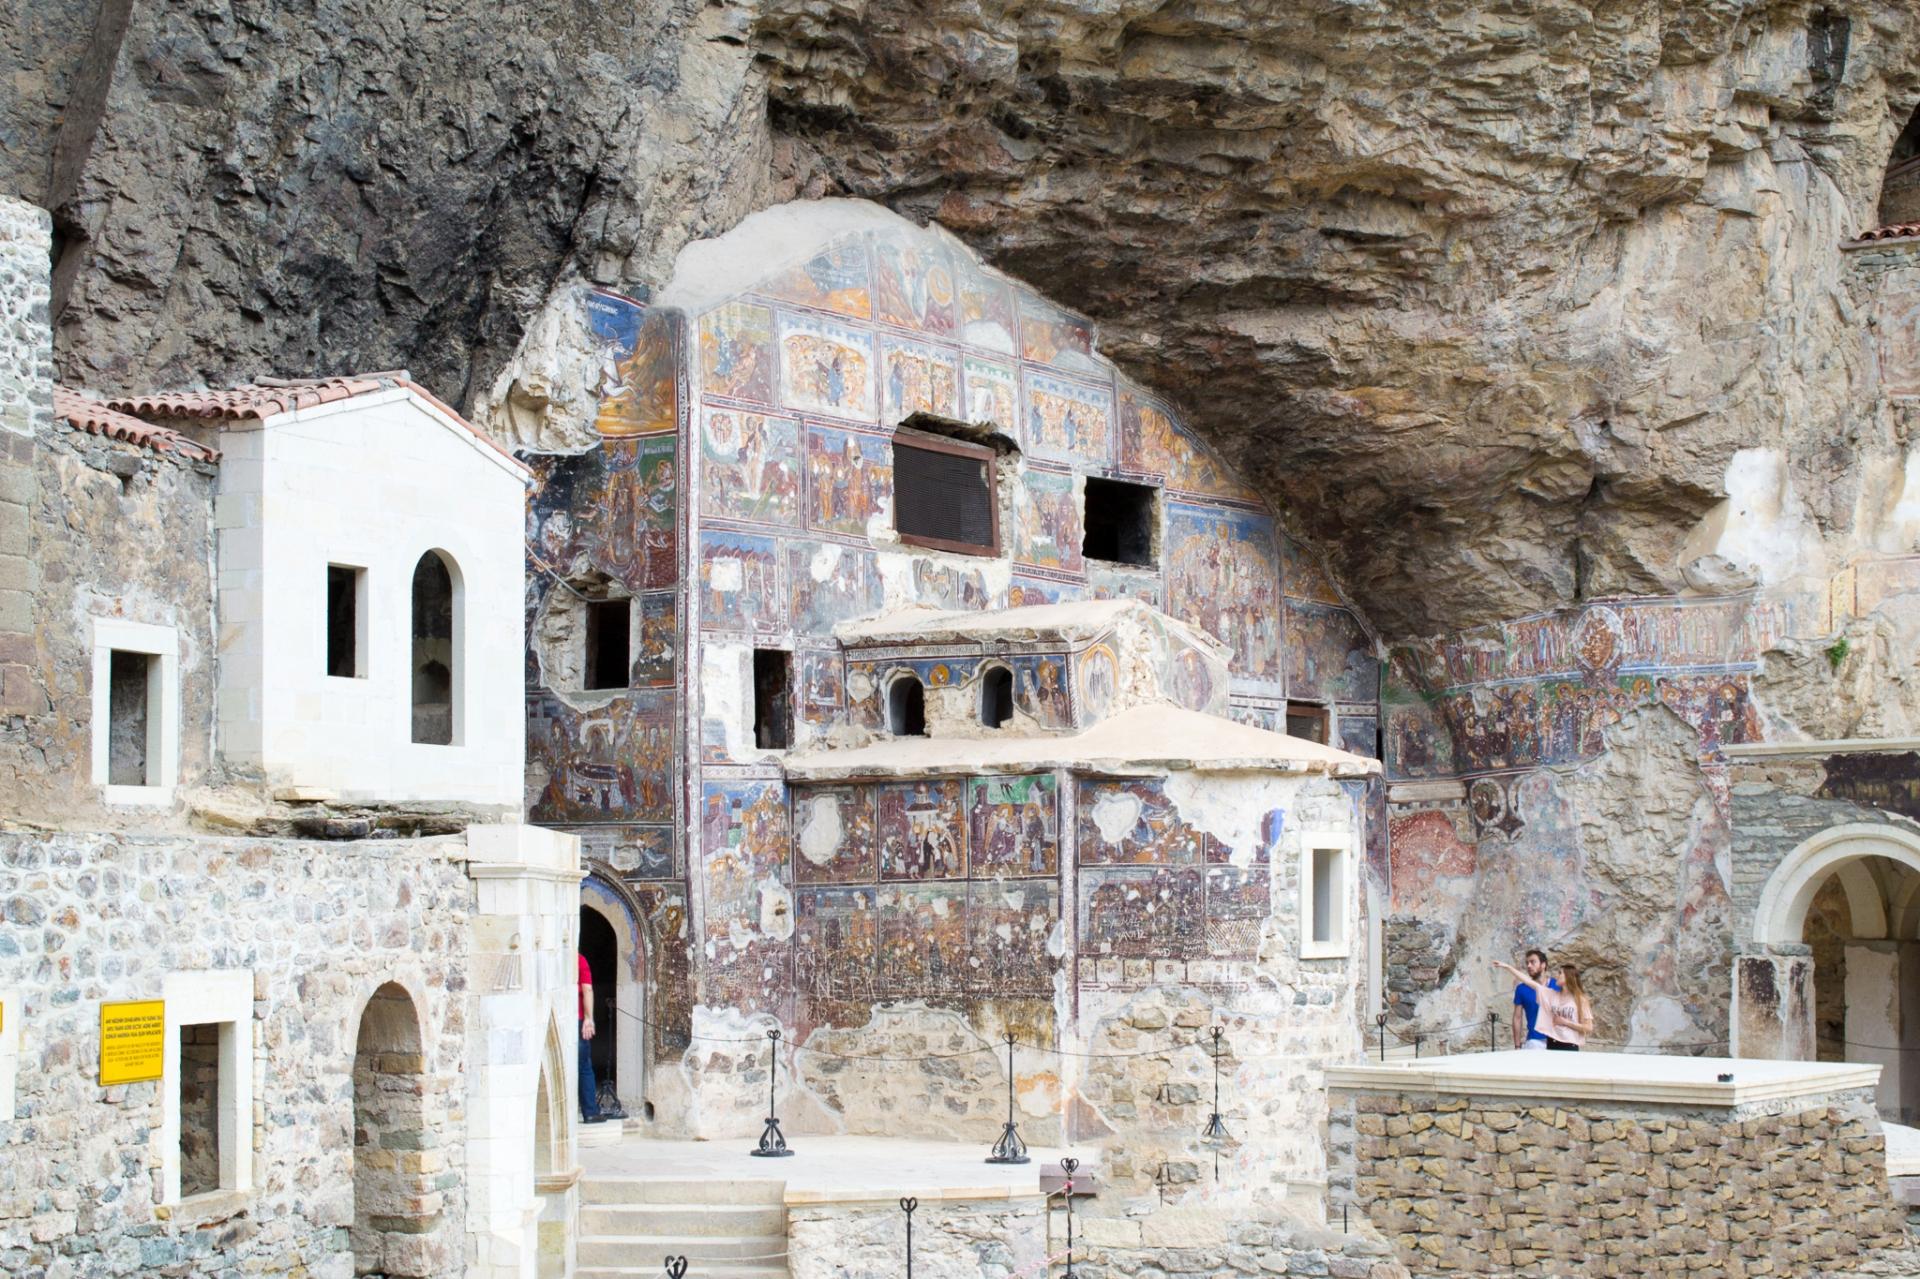 sümela manastırı hangi ildedir